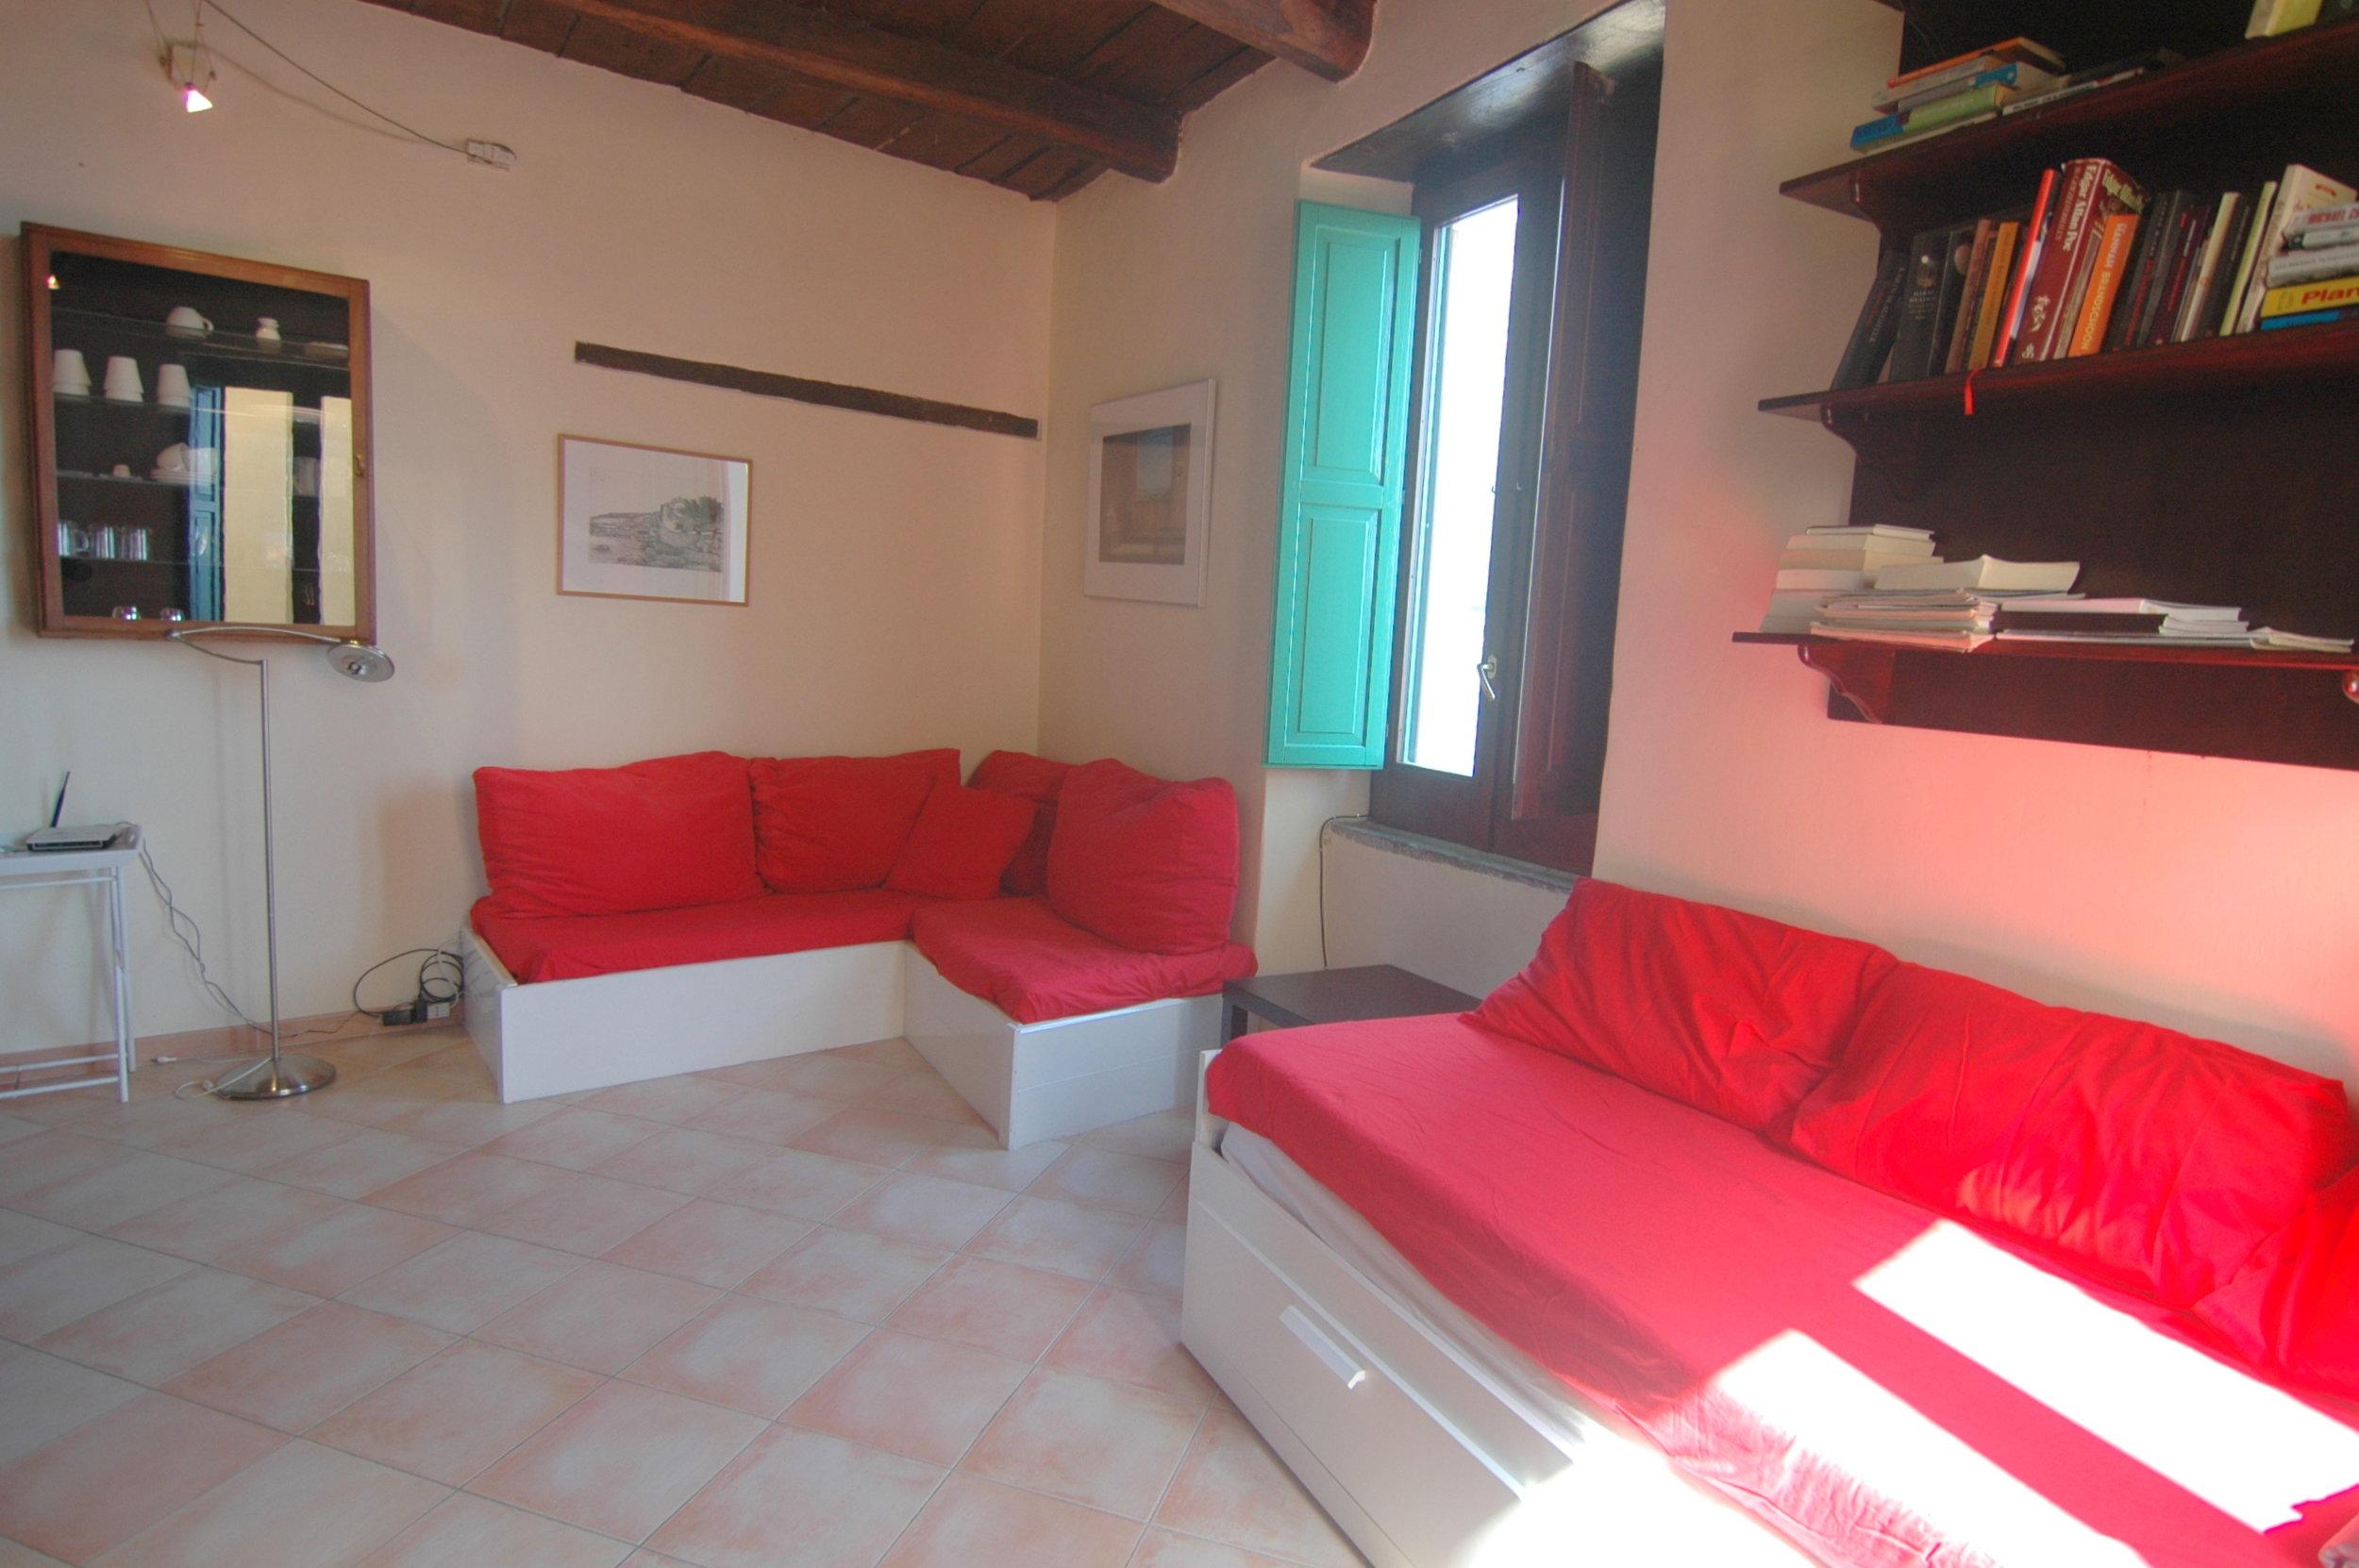 Woon-slaapkamer met 2 bedbanken.JPG